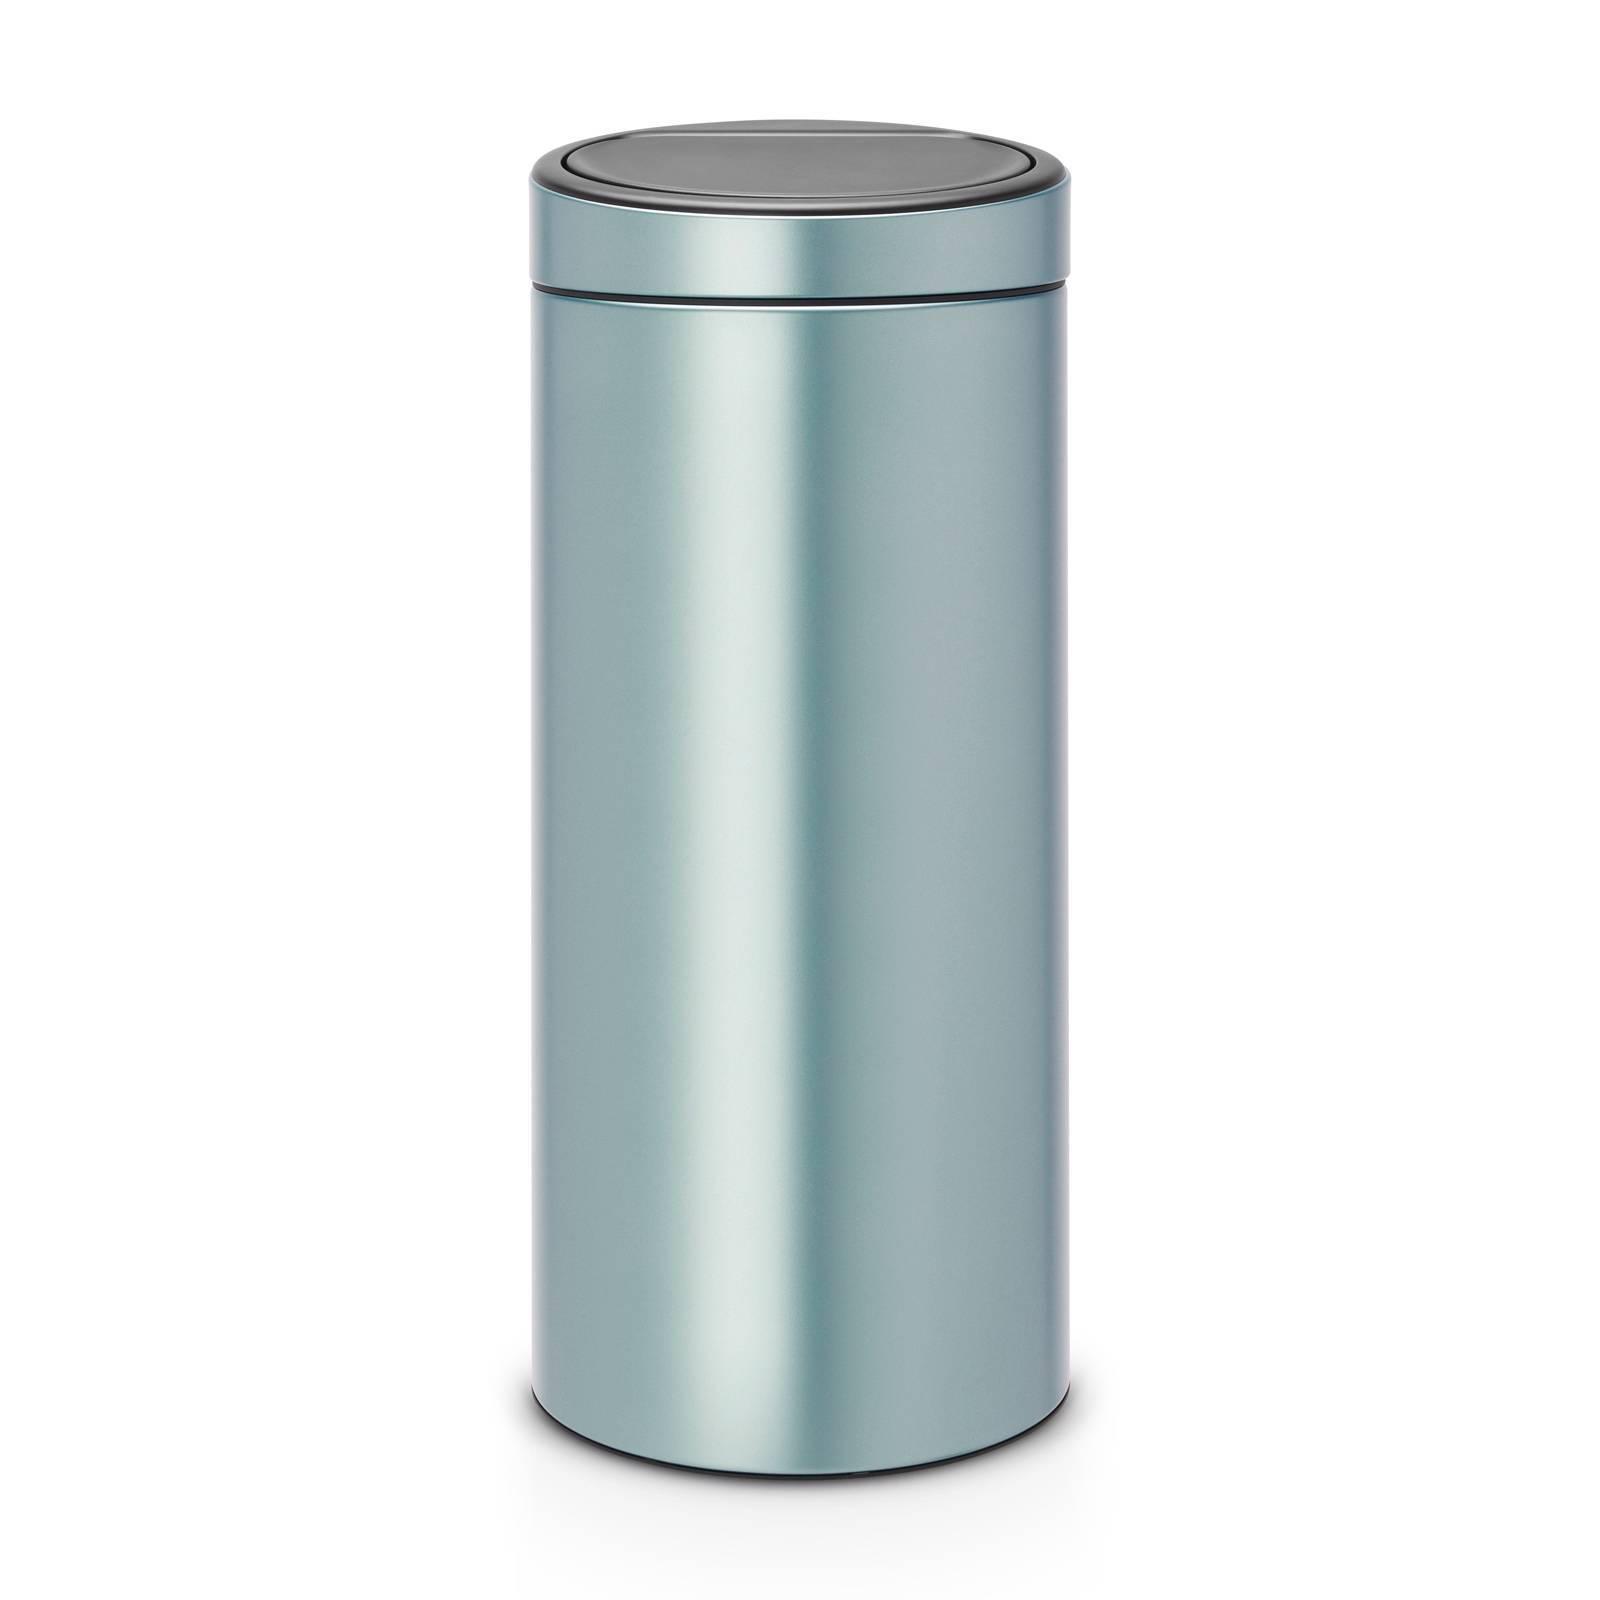 Afvalemmer Brabantia 30 Liter.Brabantia Touch Bin New Afvalemmer 30 Liter Prullenbakwebshop Nl